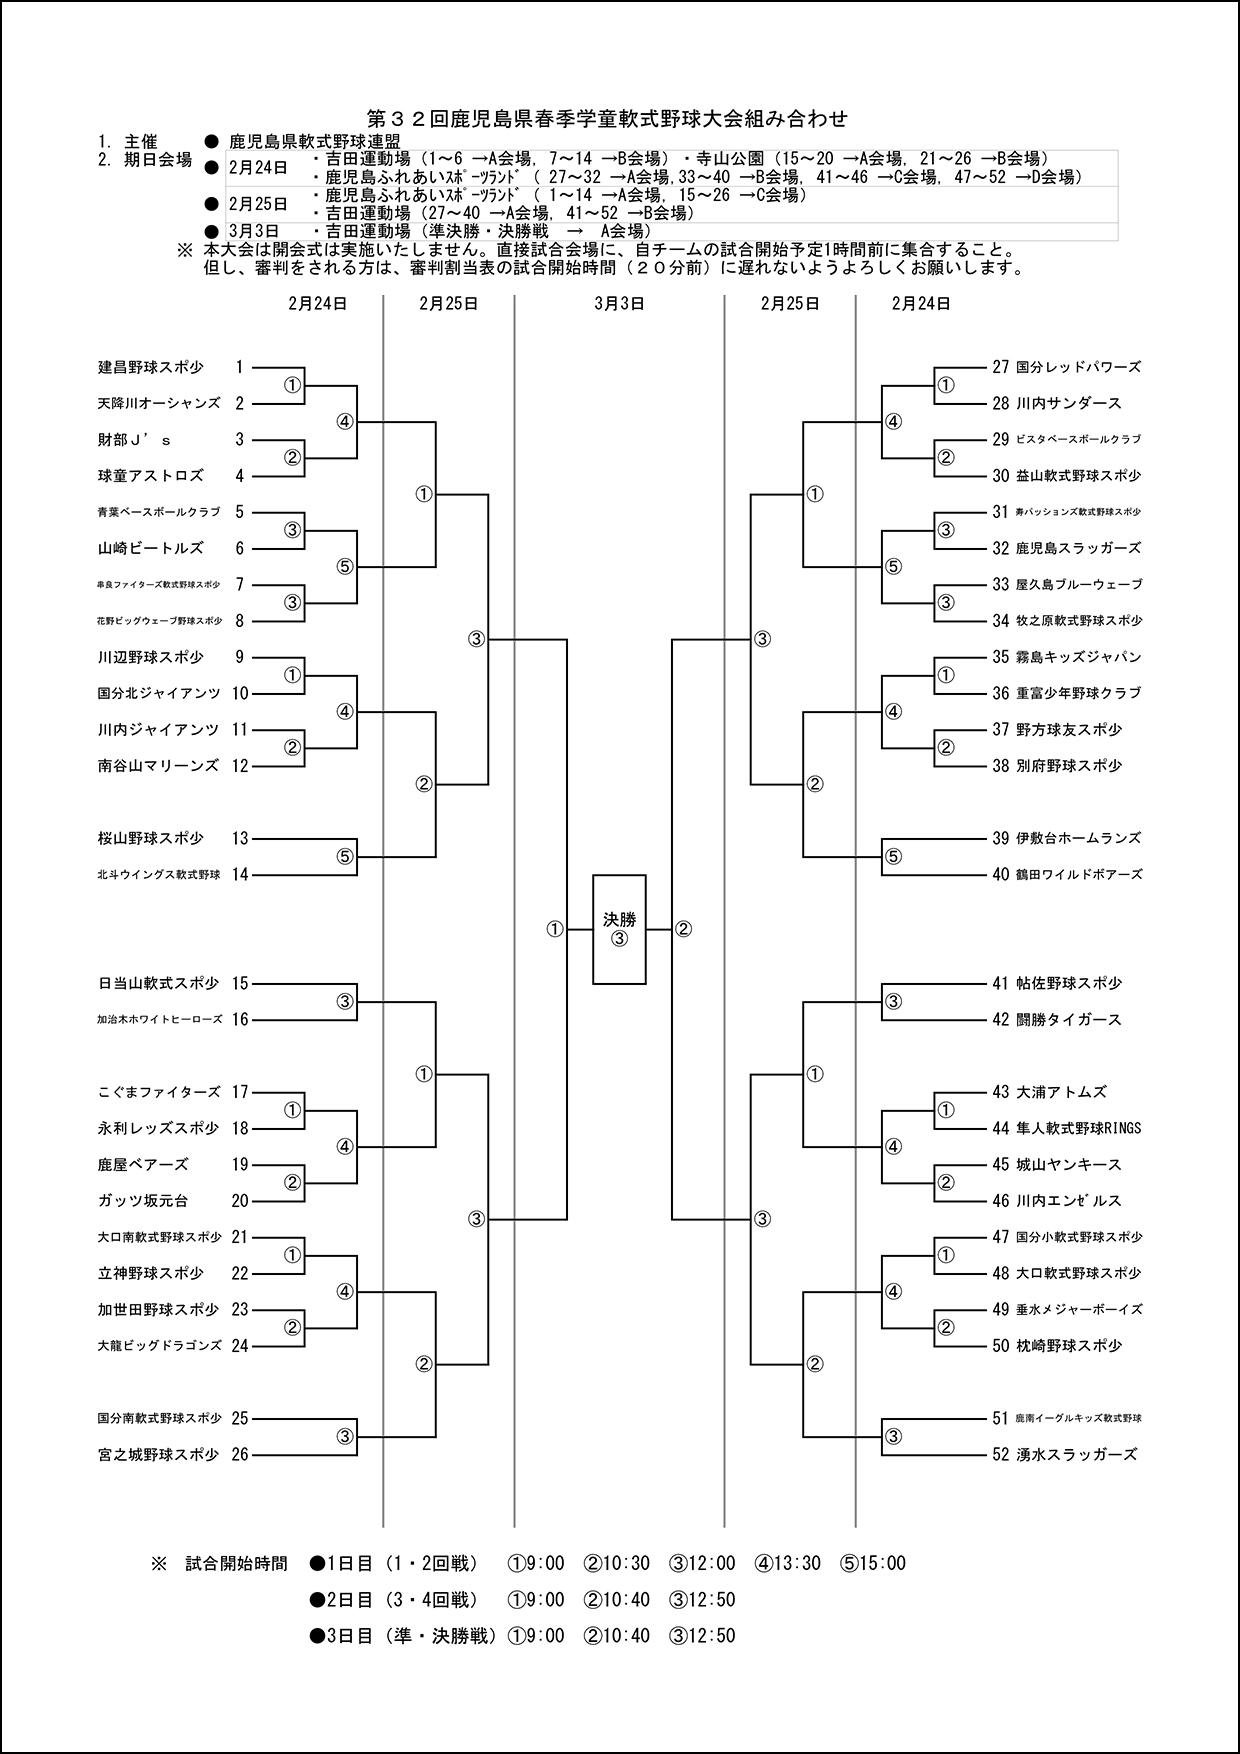 【組合せ】第32回鹿児島県春季学童軟式野球大会